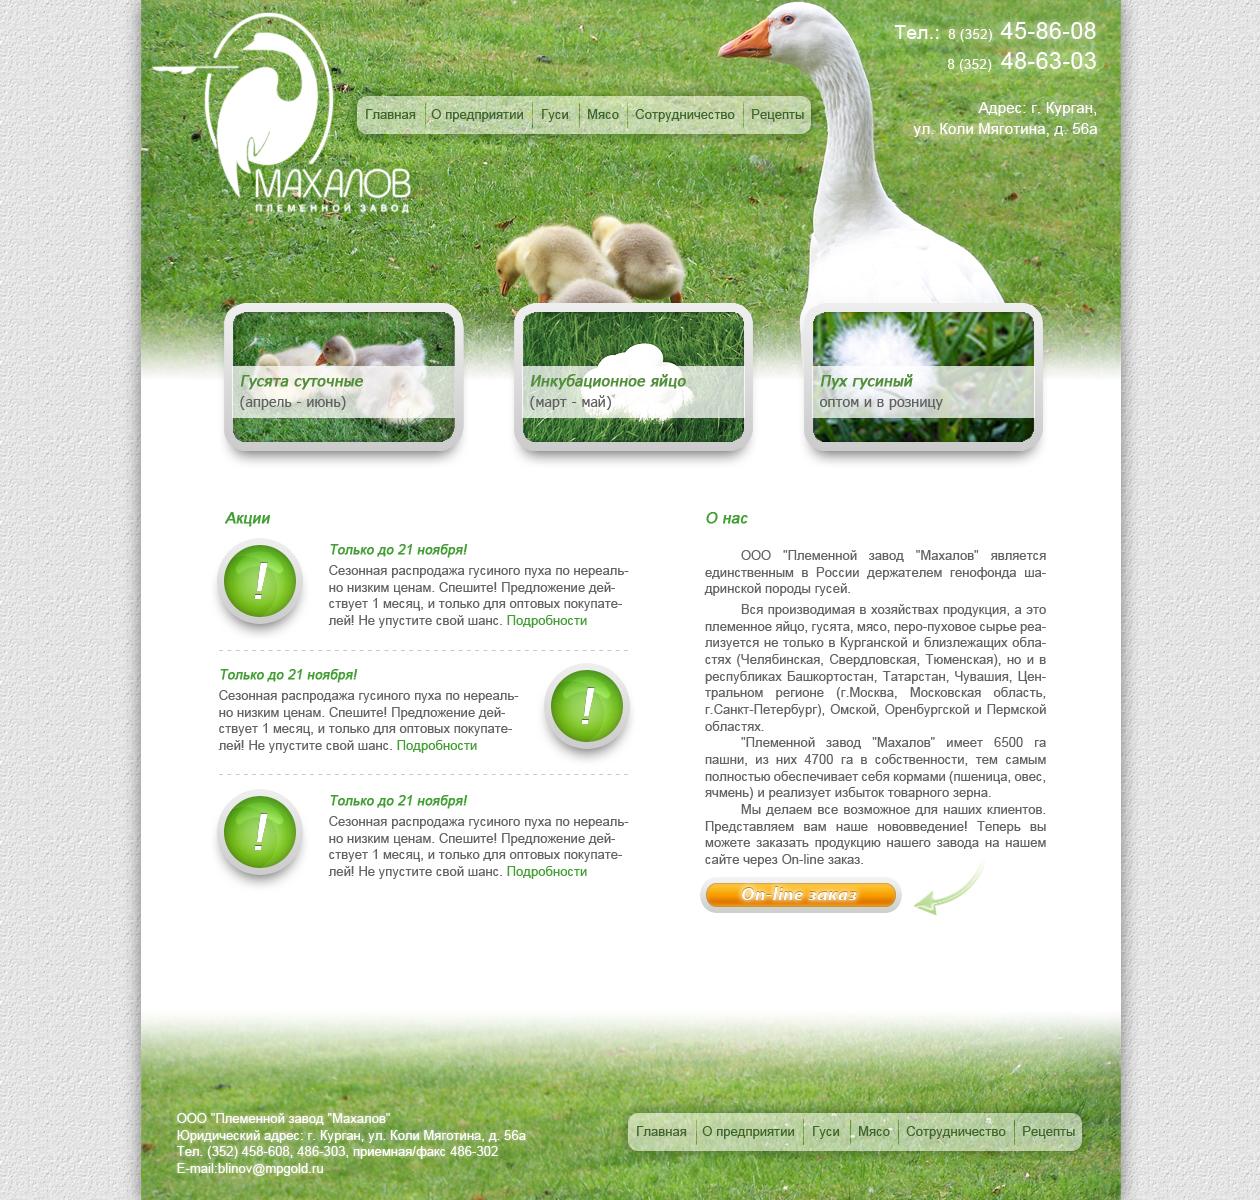 Редизайн сайта. фото f_4e892631b8c45.jpg